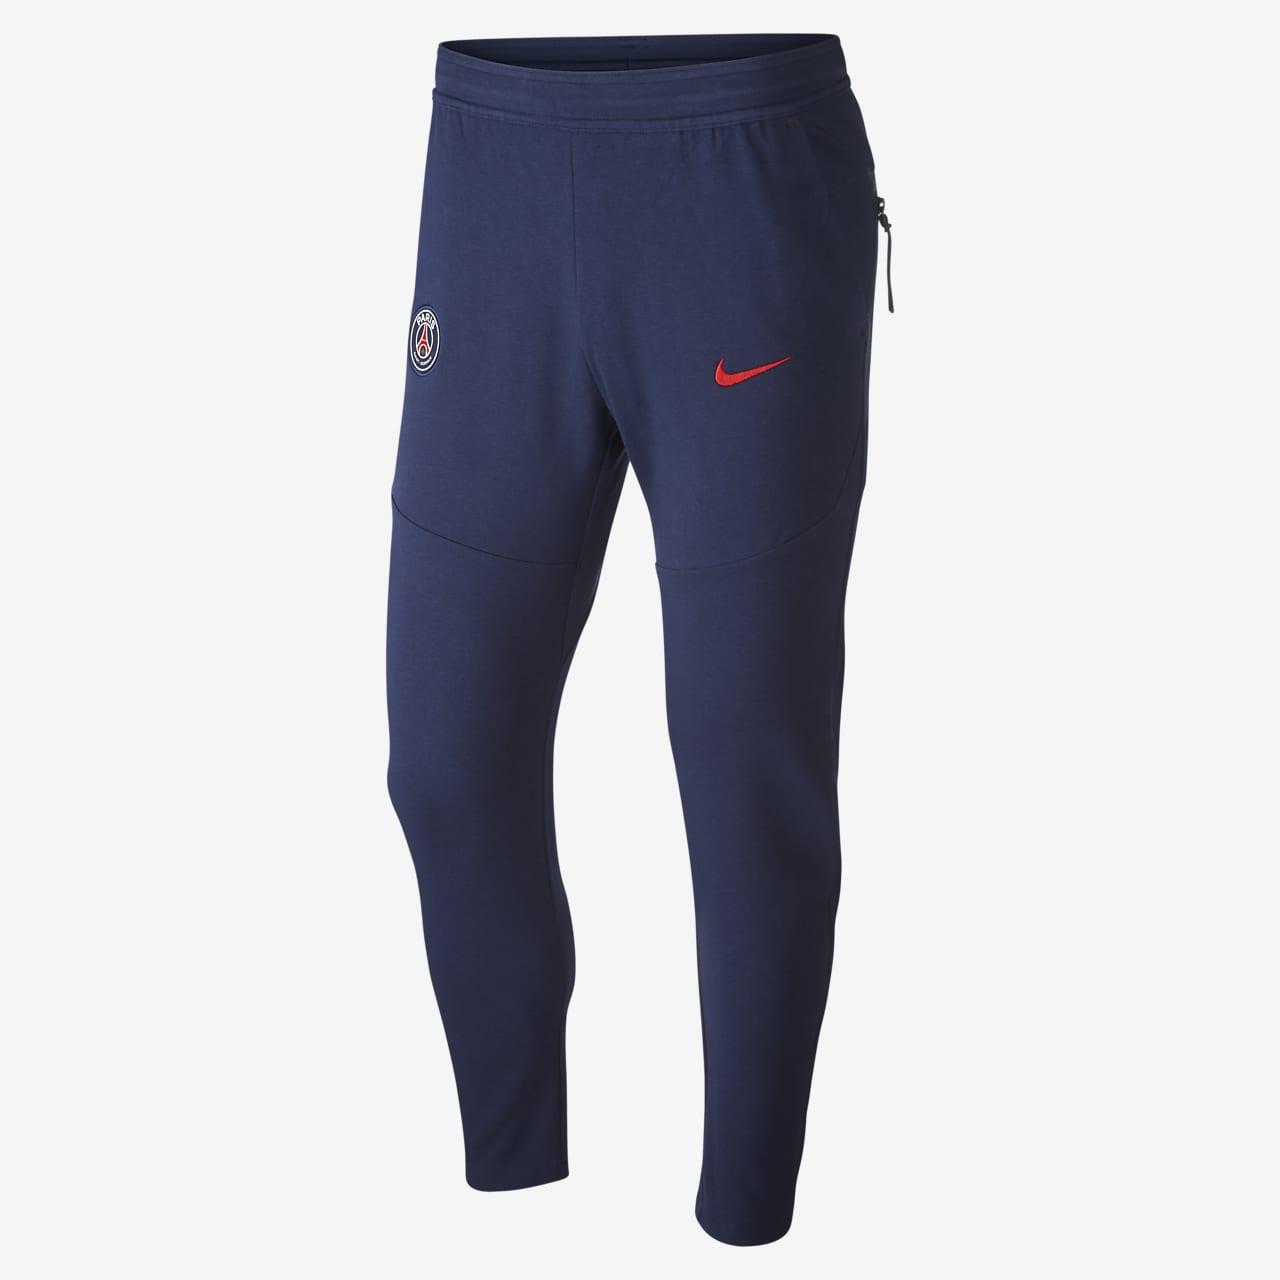 Spodnie męskie Paris Saint-Germain Tech Pack